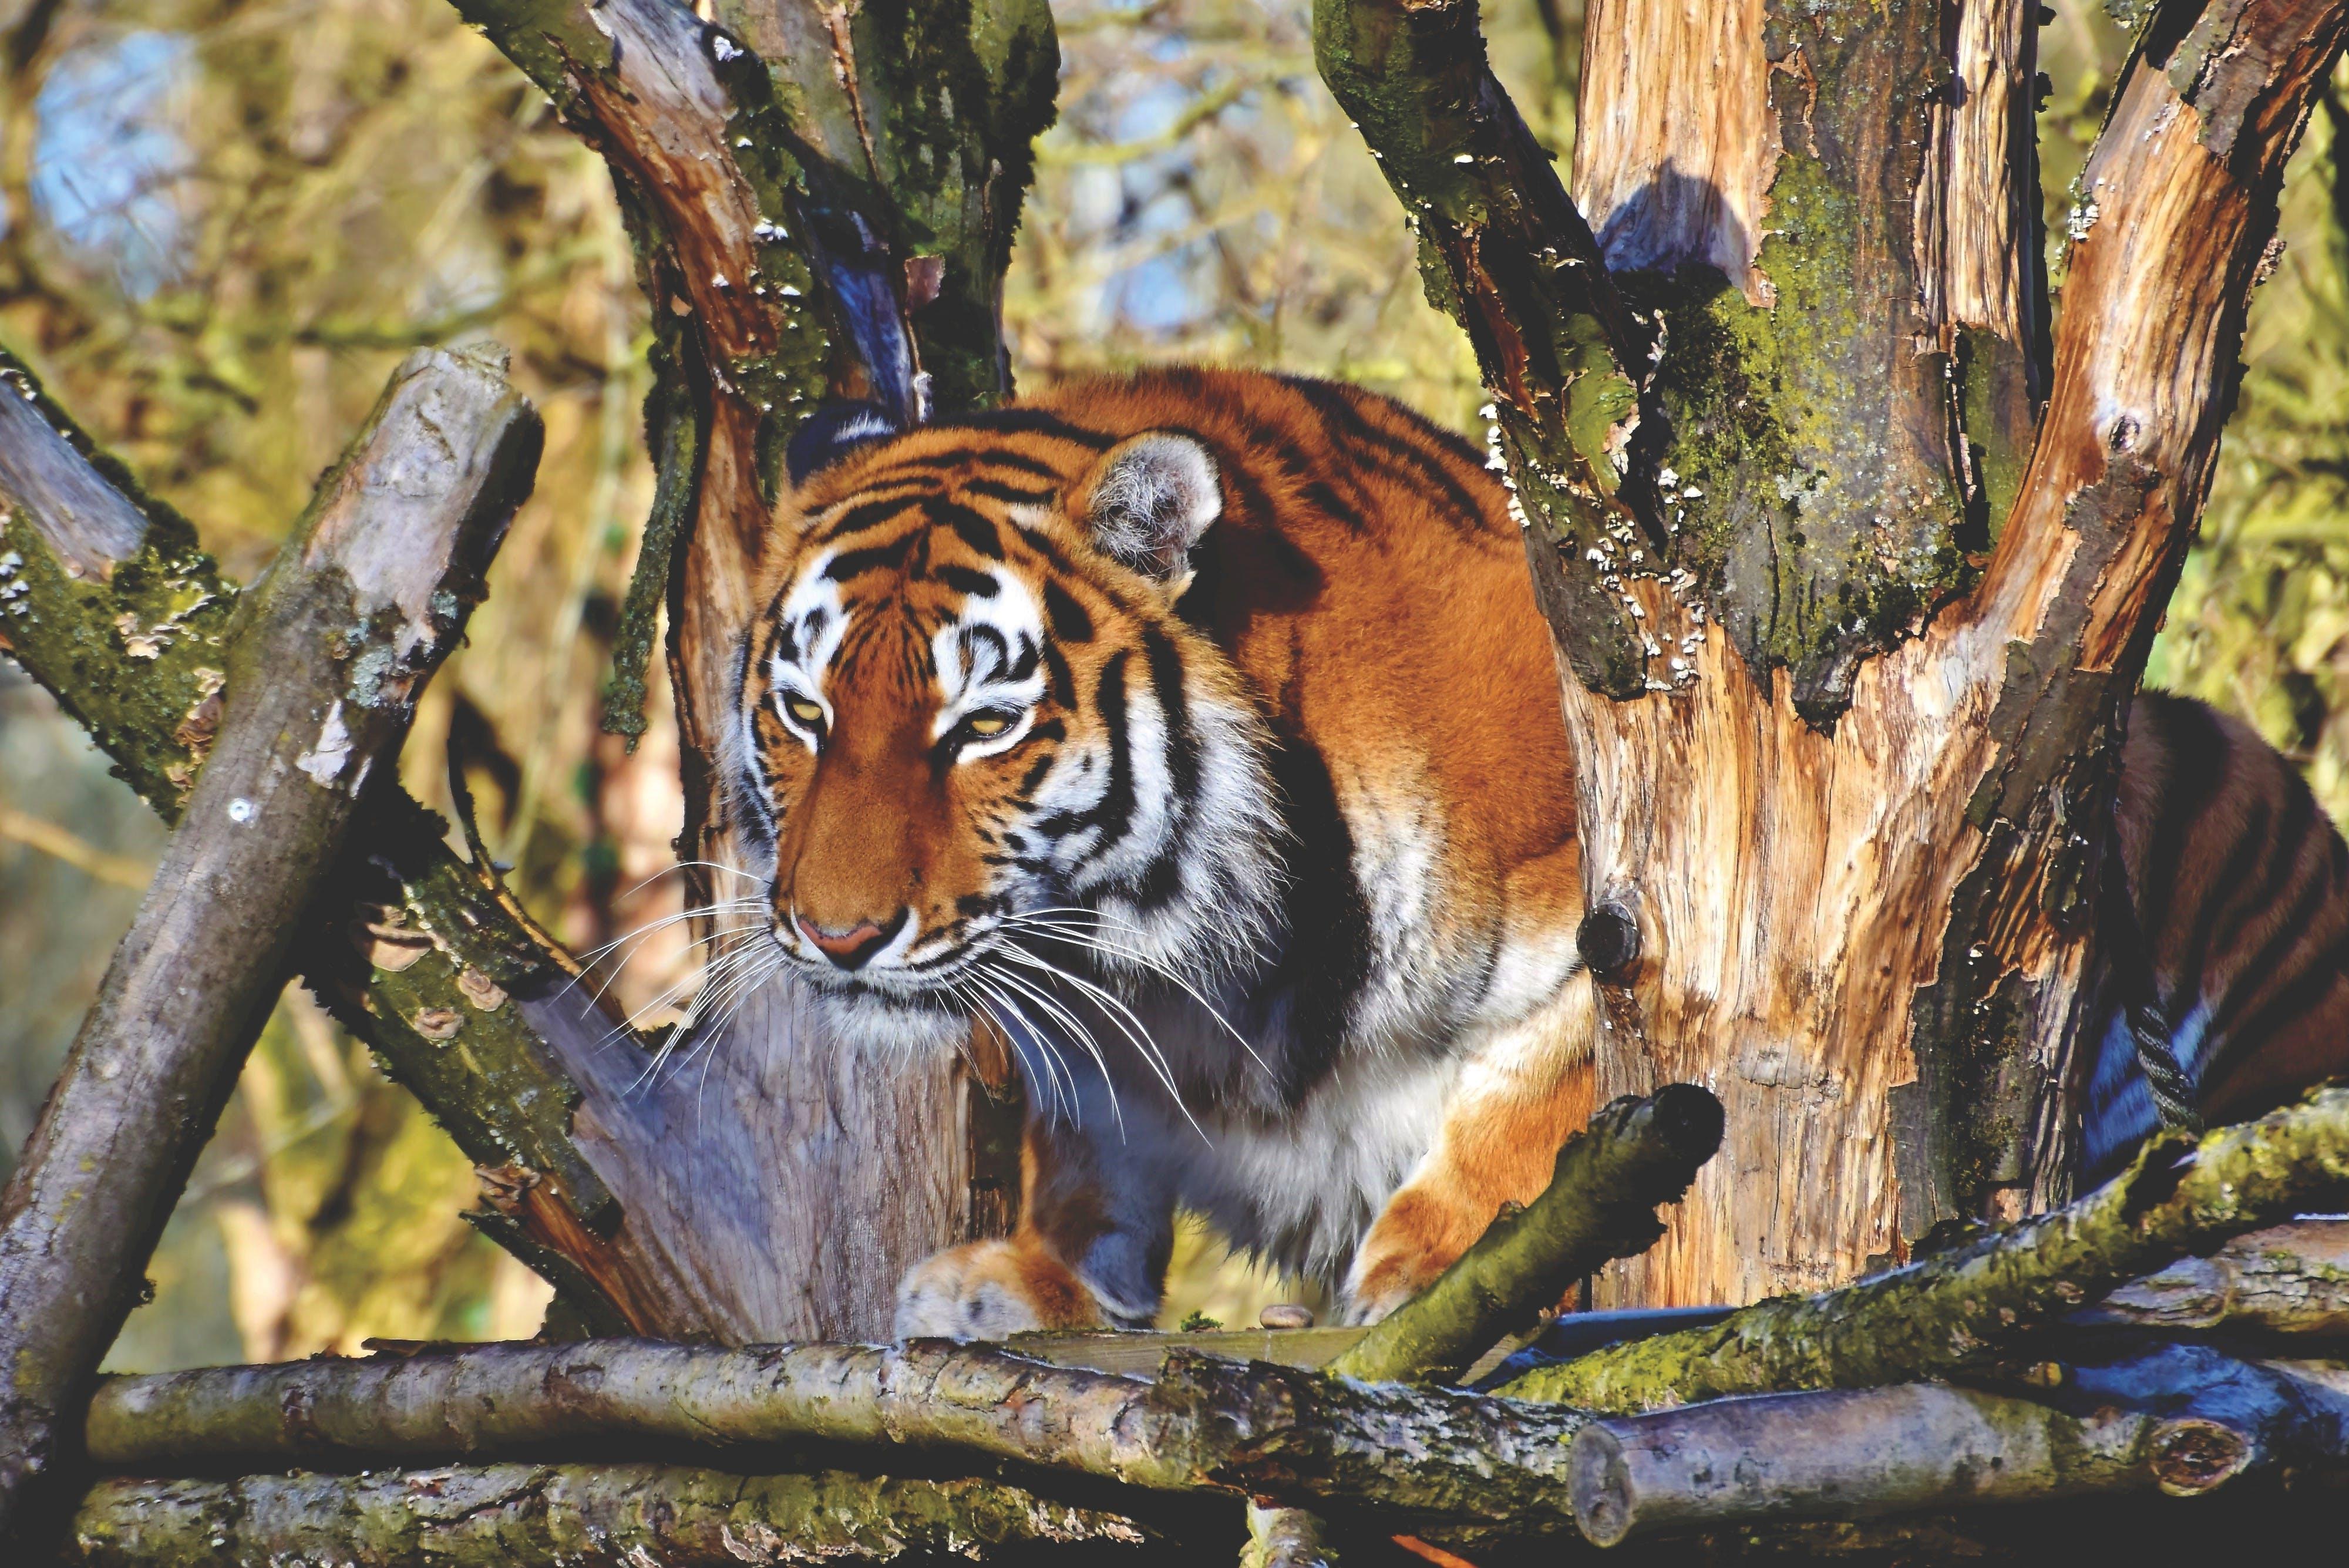 Gratis arkivbilde med bengal tiger, dyr, dyrehage, dyreliv